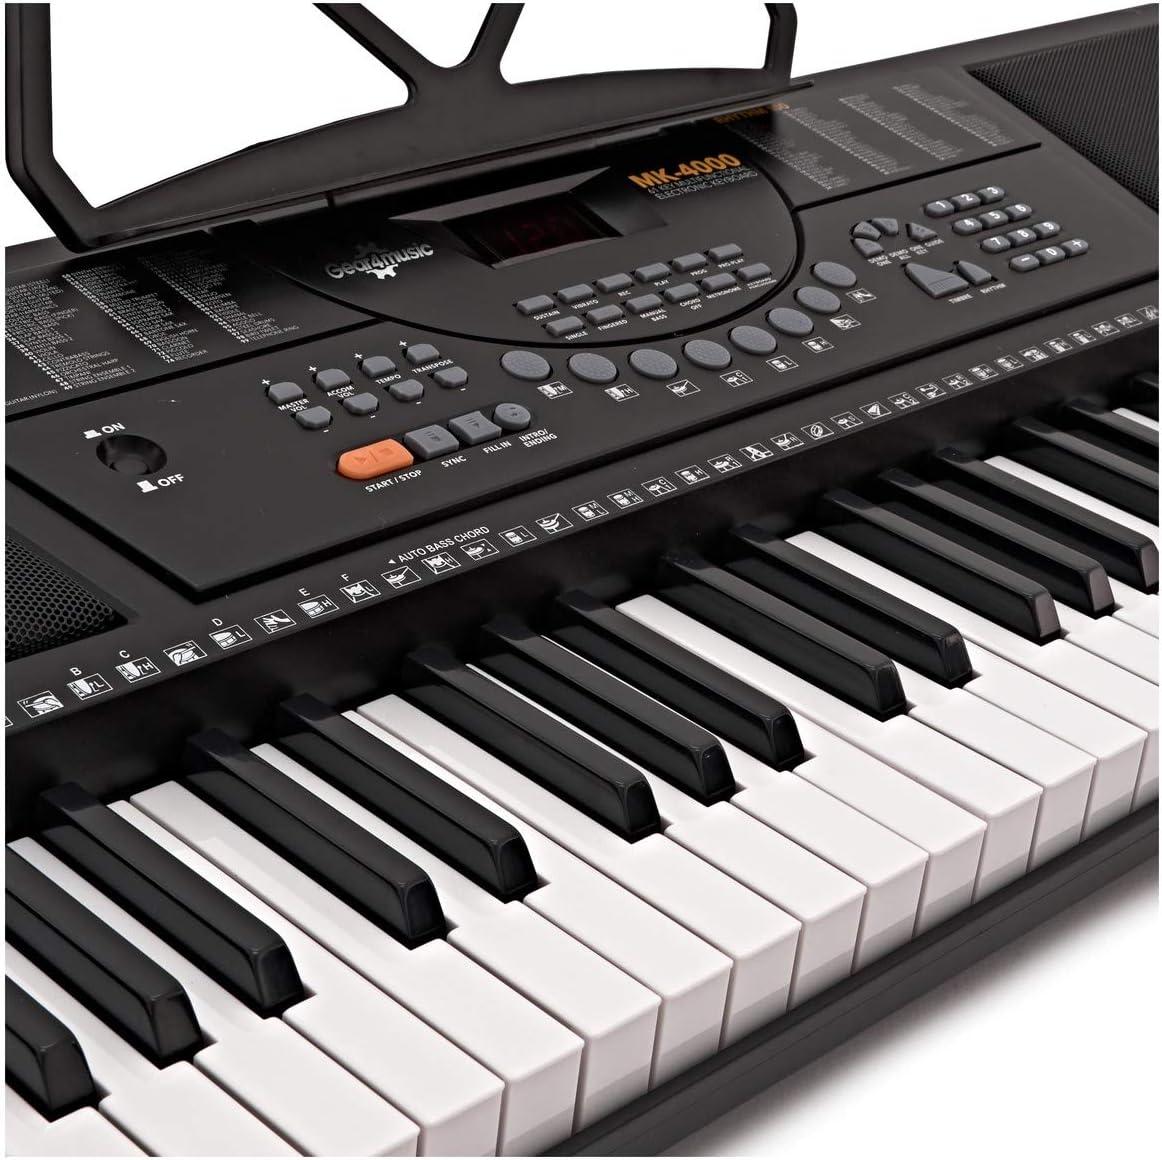 Teclado Portátil MK-4000 de 61 Teclas de Gear4music